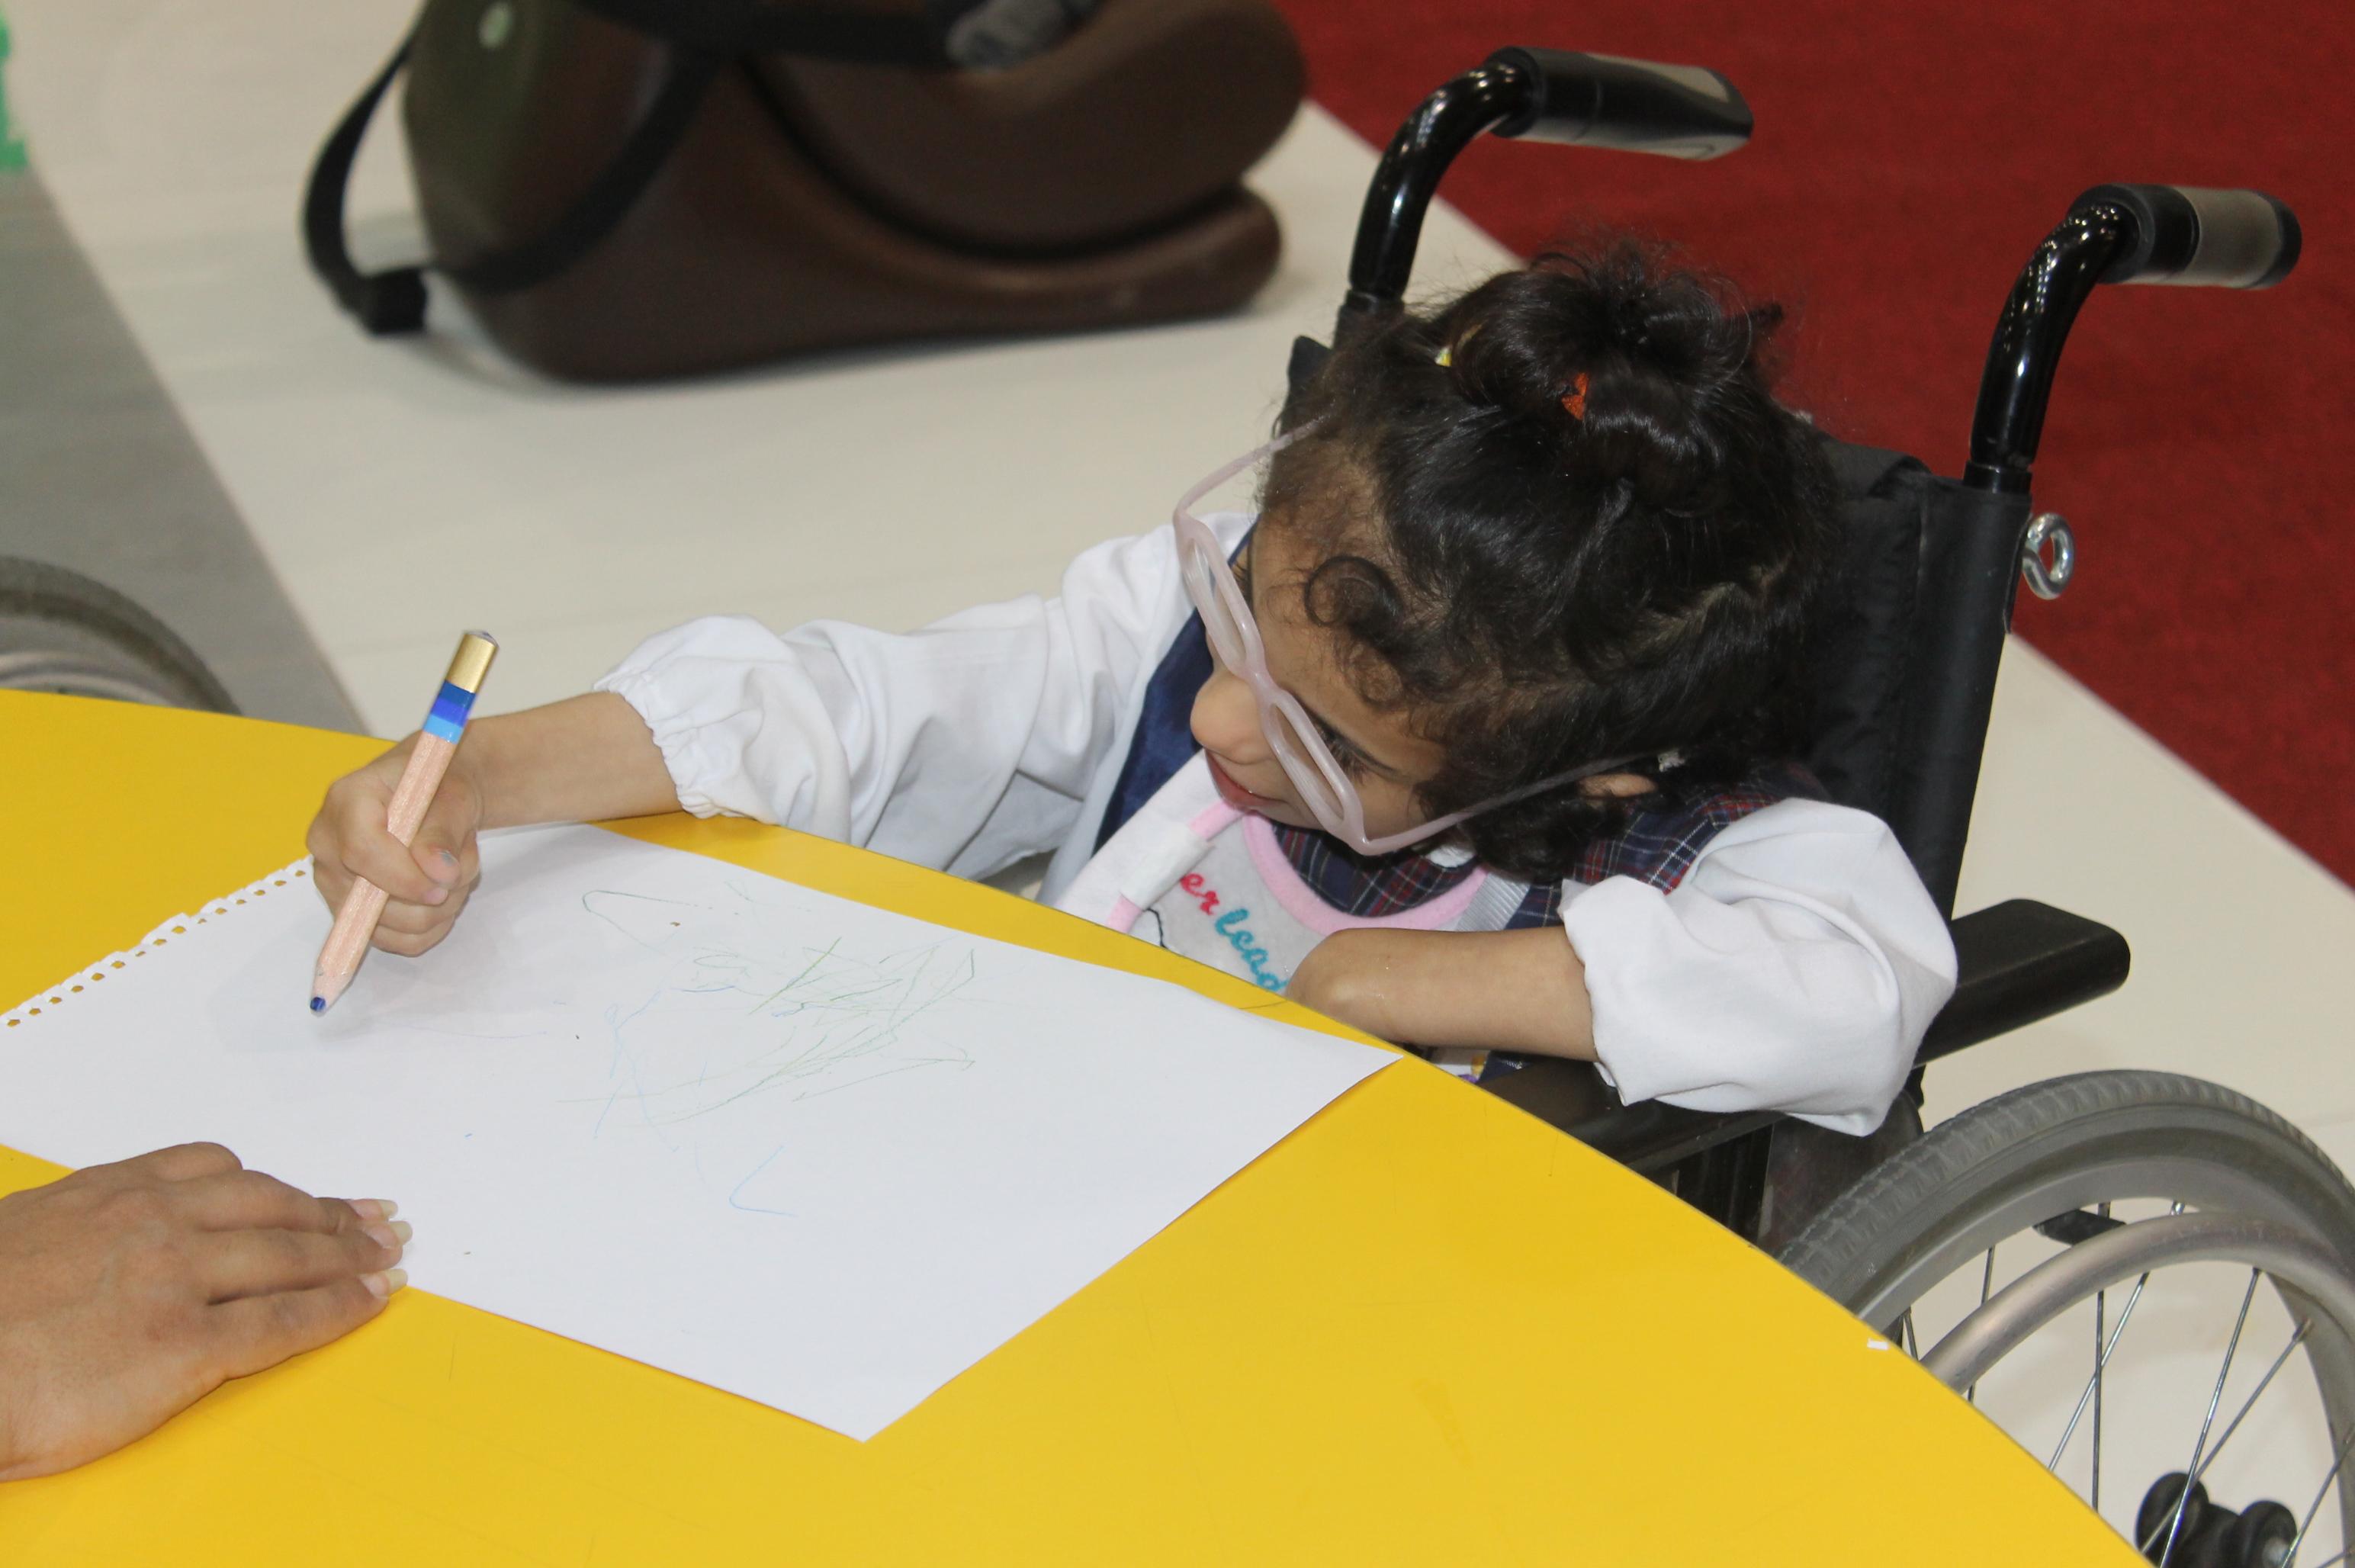 فعاليات المعرض السعودي الدولي الثالث لمستلزمات الاشخاص ذوي الاعاقة ضياء (6)